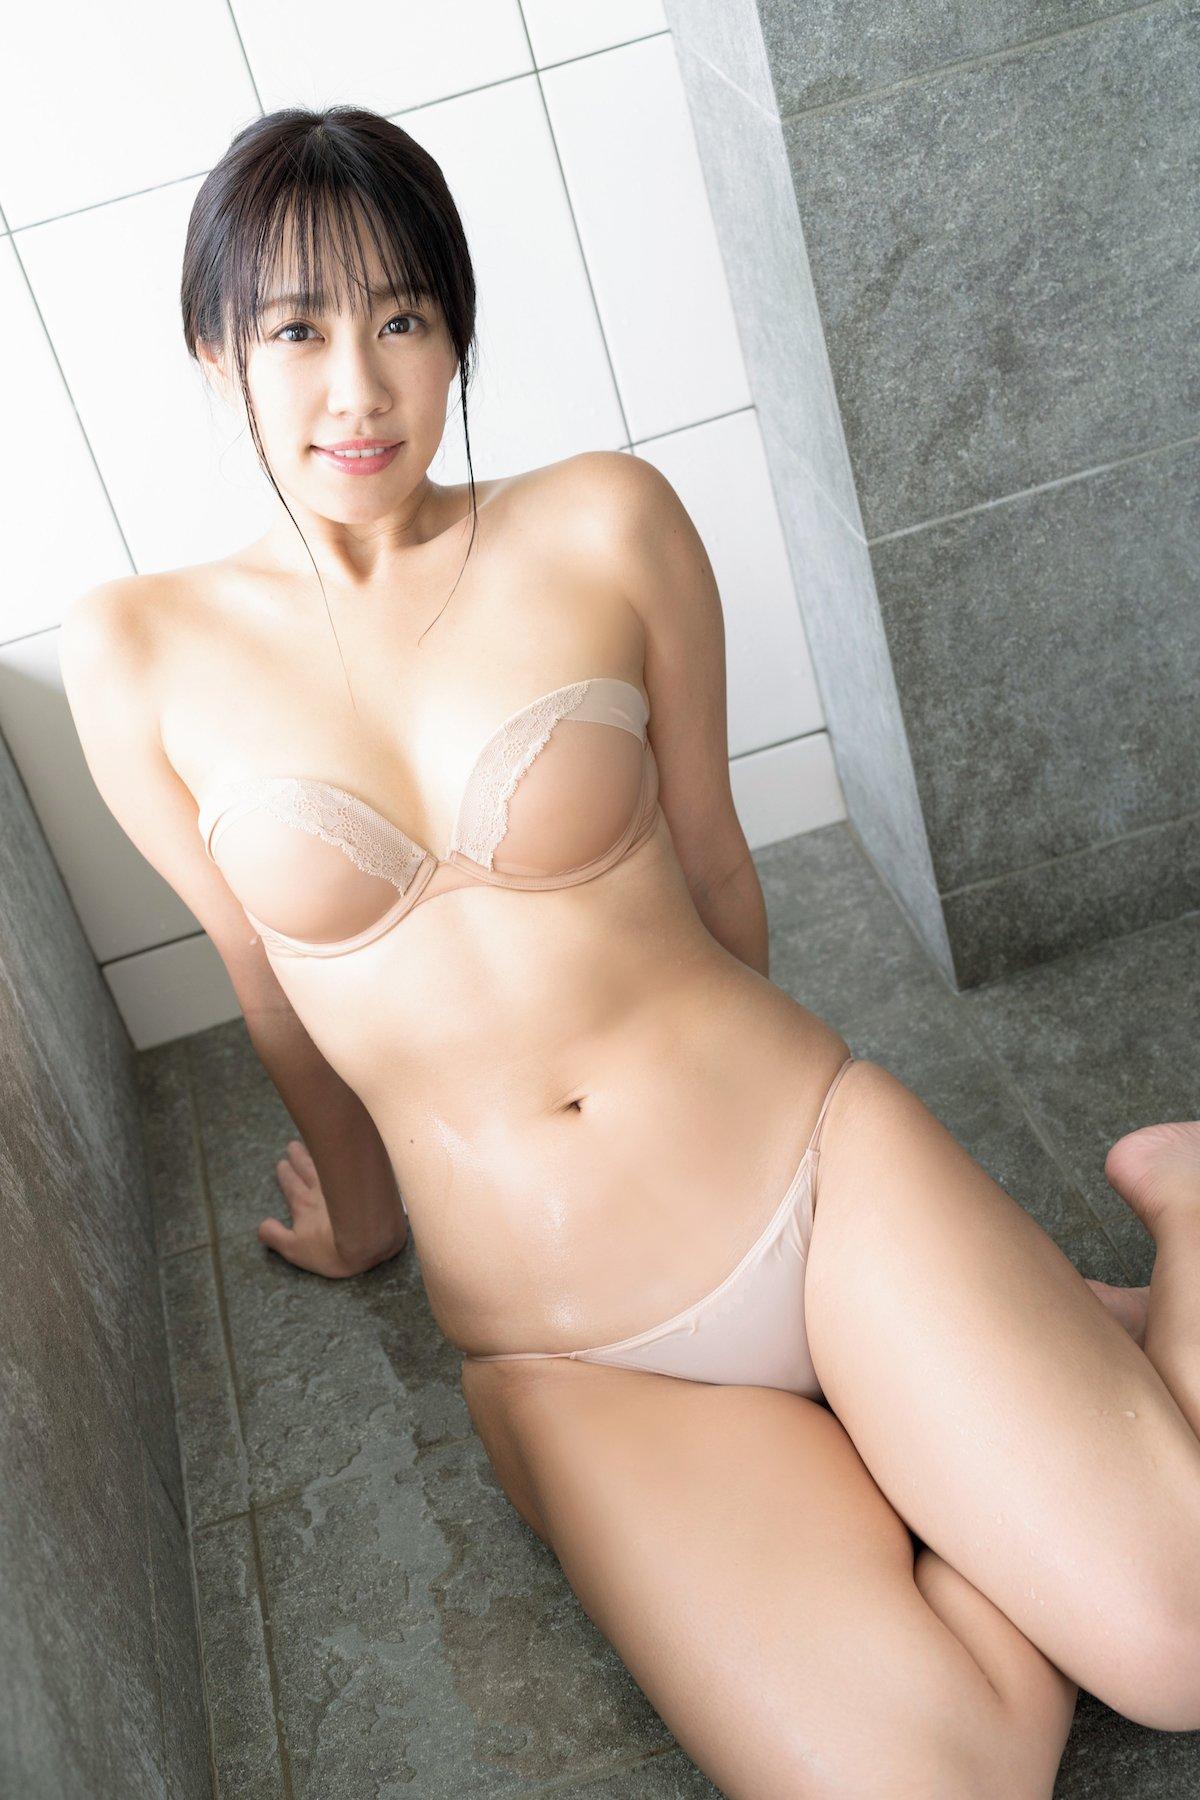 霧島聖子「トップRQなのにオタク」ギャップが魅力の大人ボディ【画像9枚】の画像001